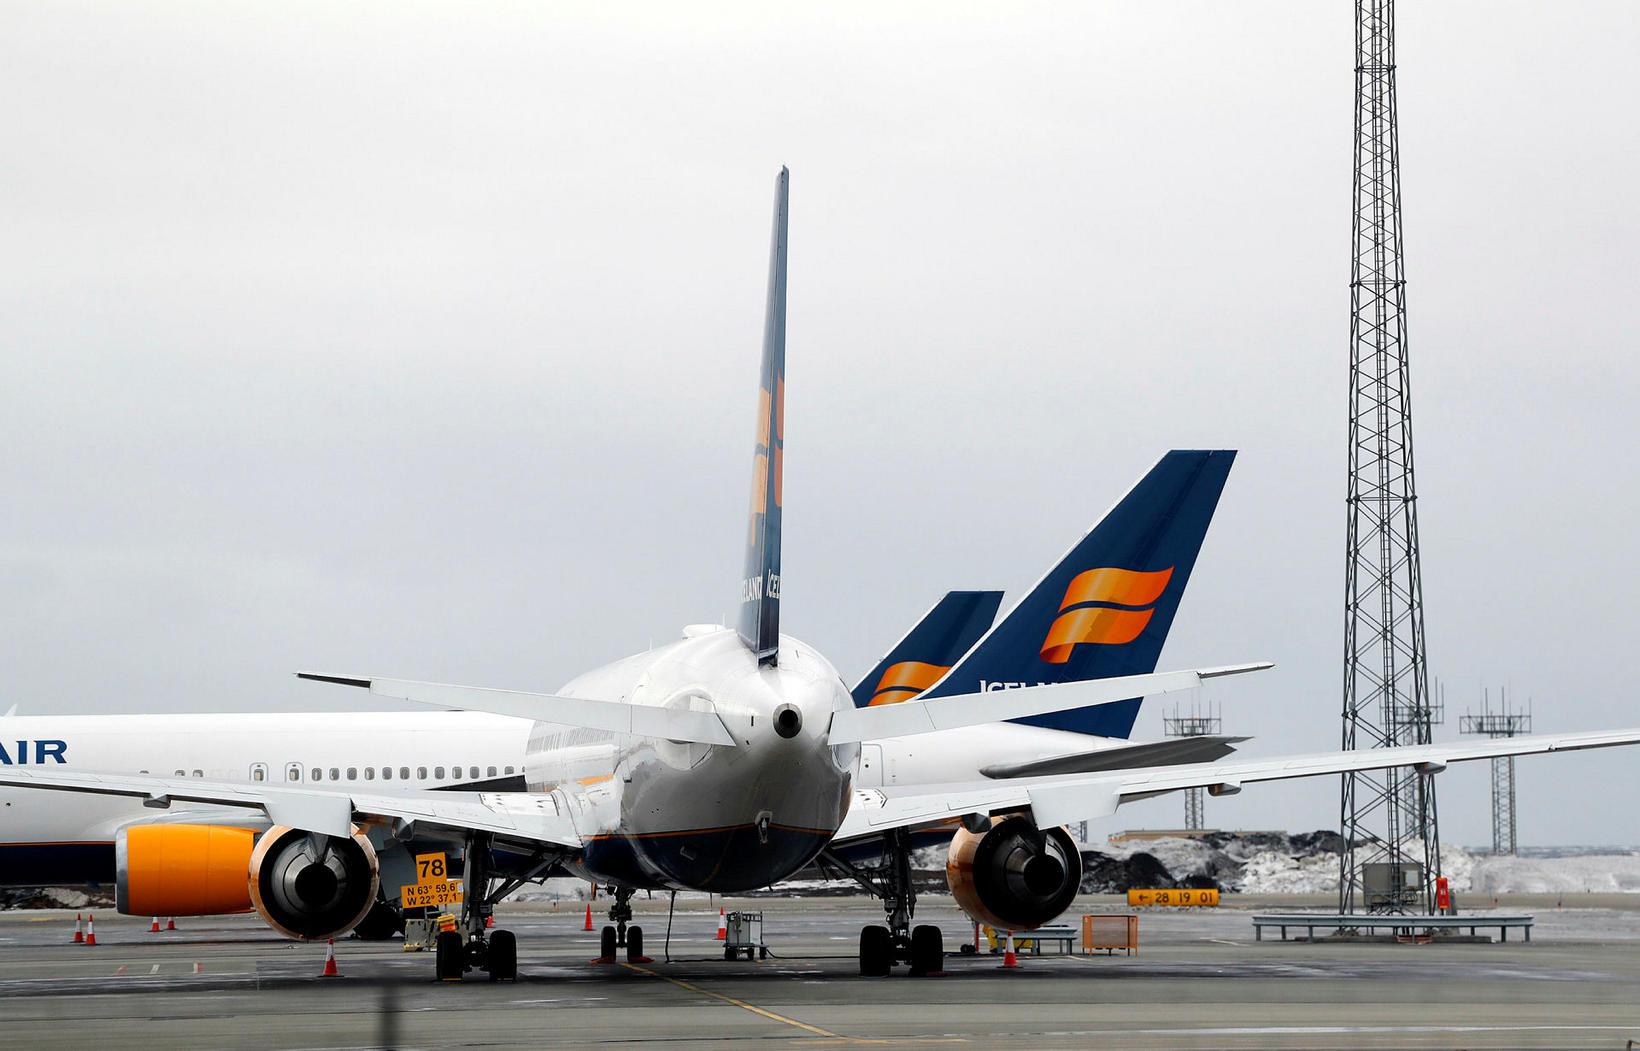 Flugvélar Icelandair standa flestar á flugvellinum í Keflavík og engin …